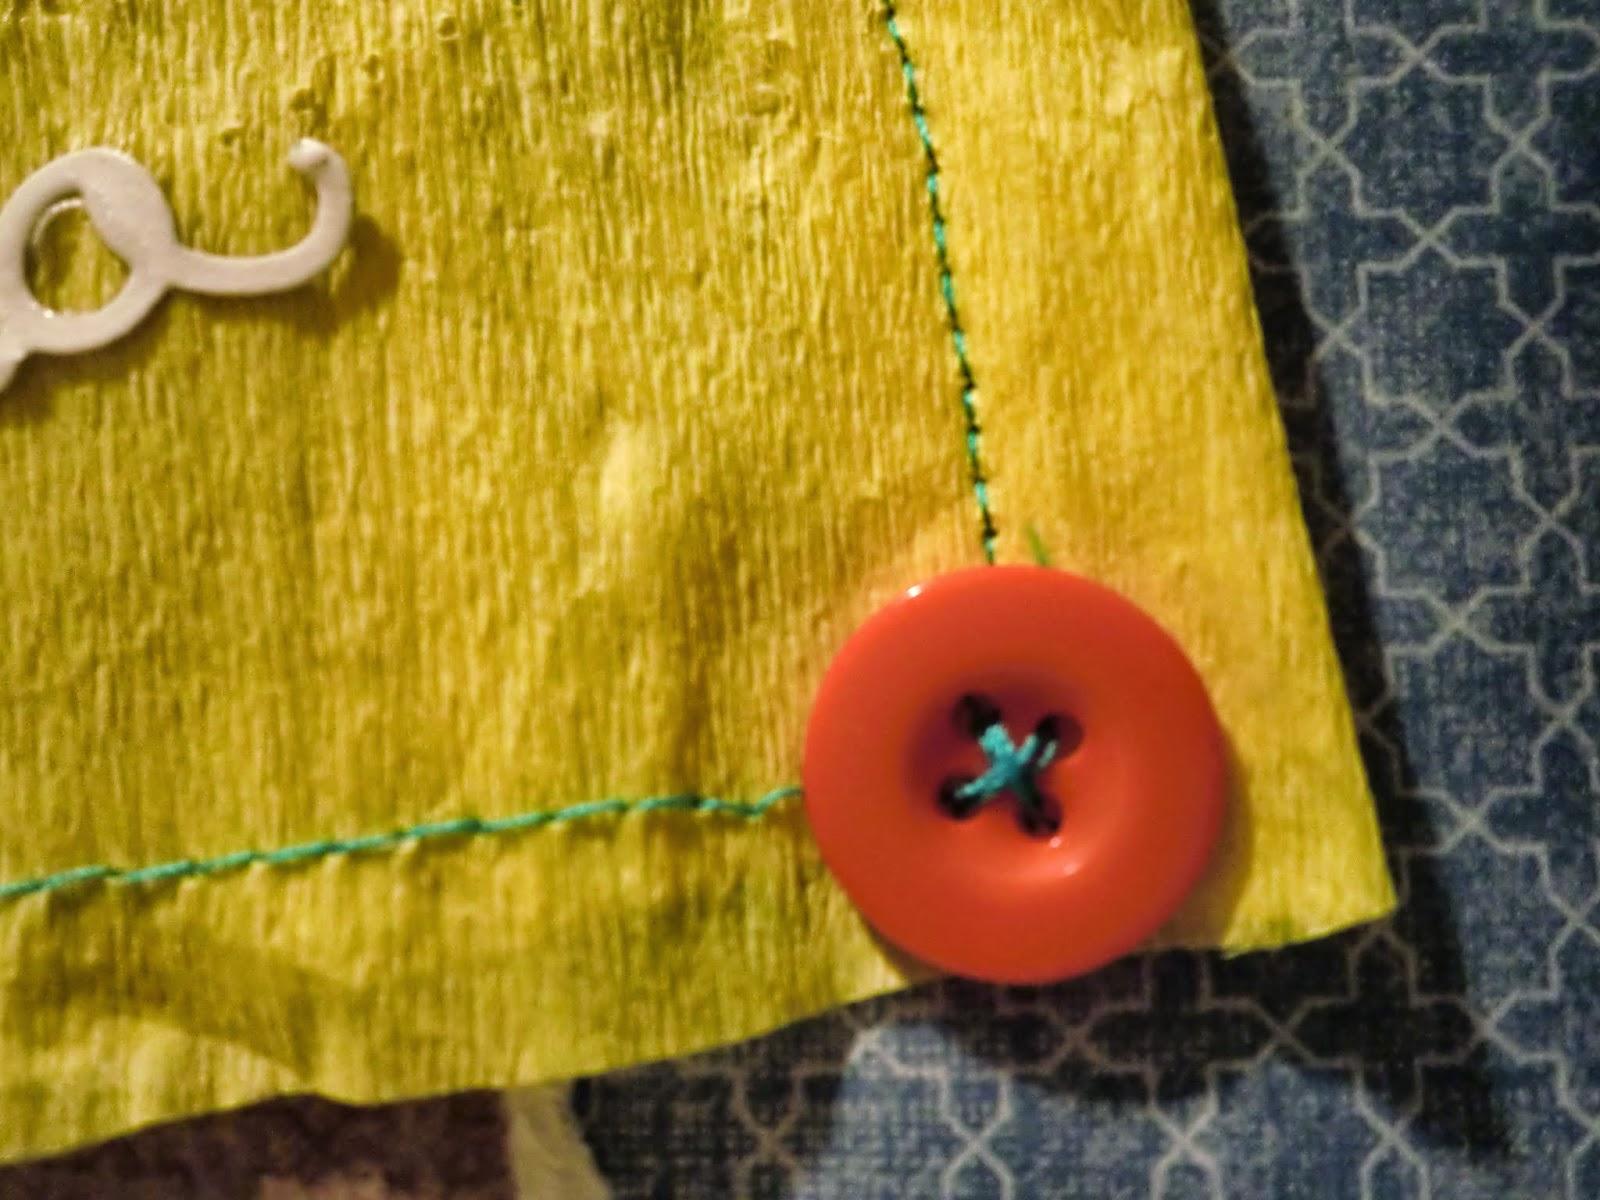 Detalle del cosido y el botón naranja